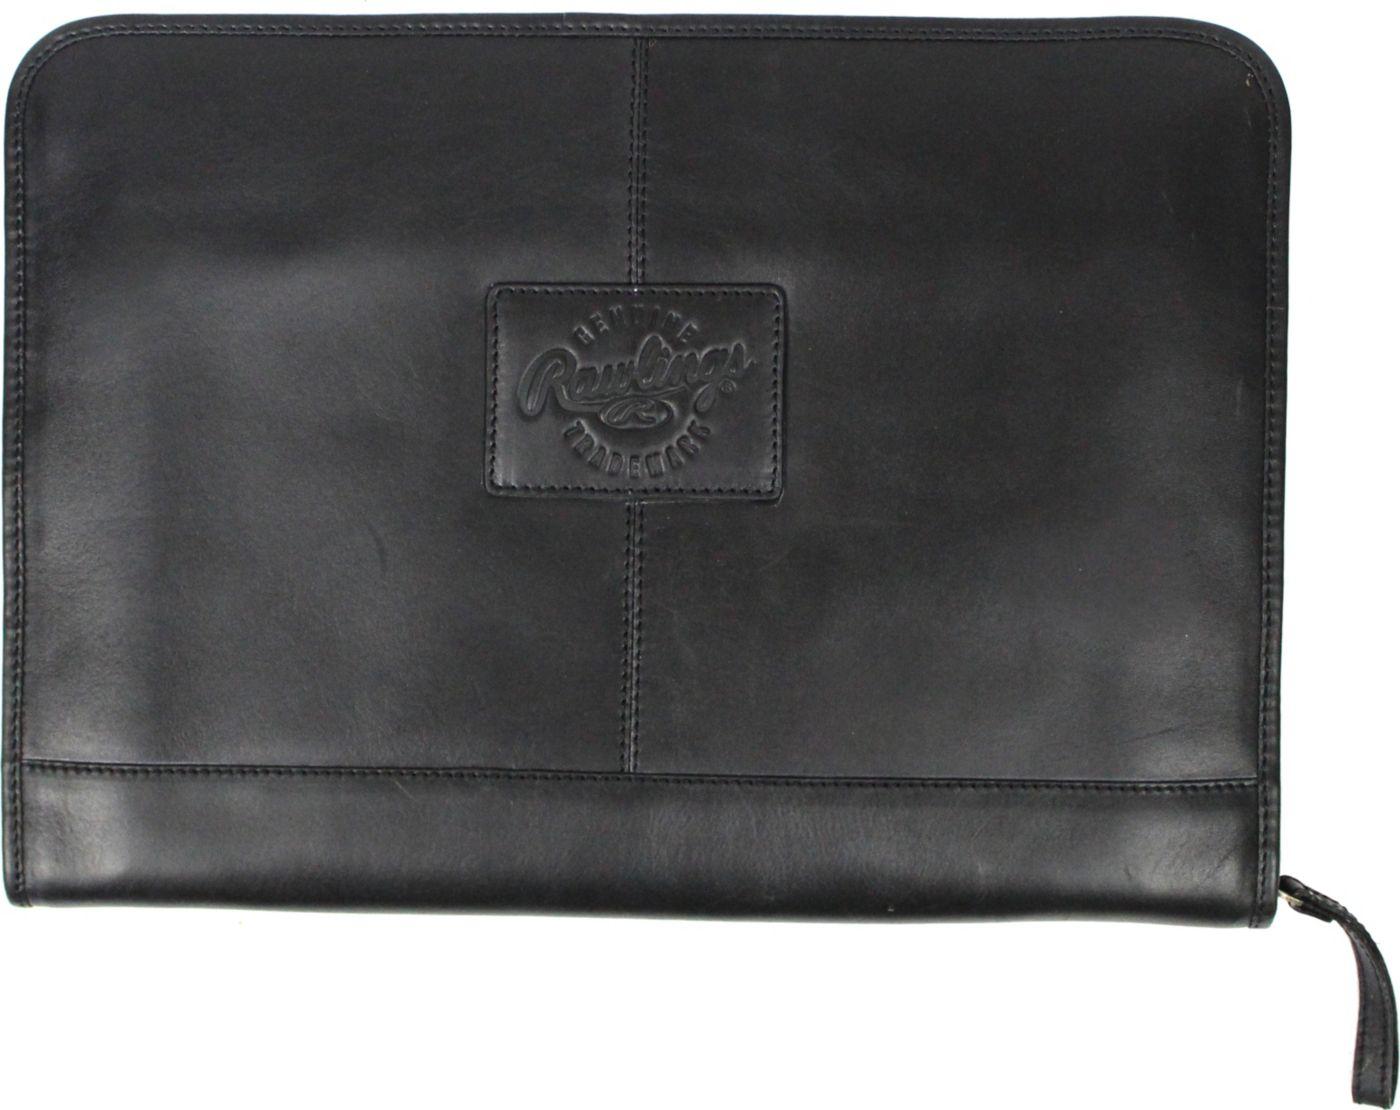 Rawlings Frankie Leather Portfolio